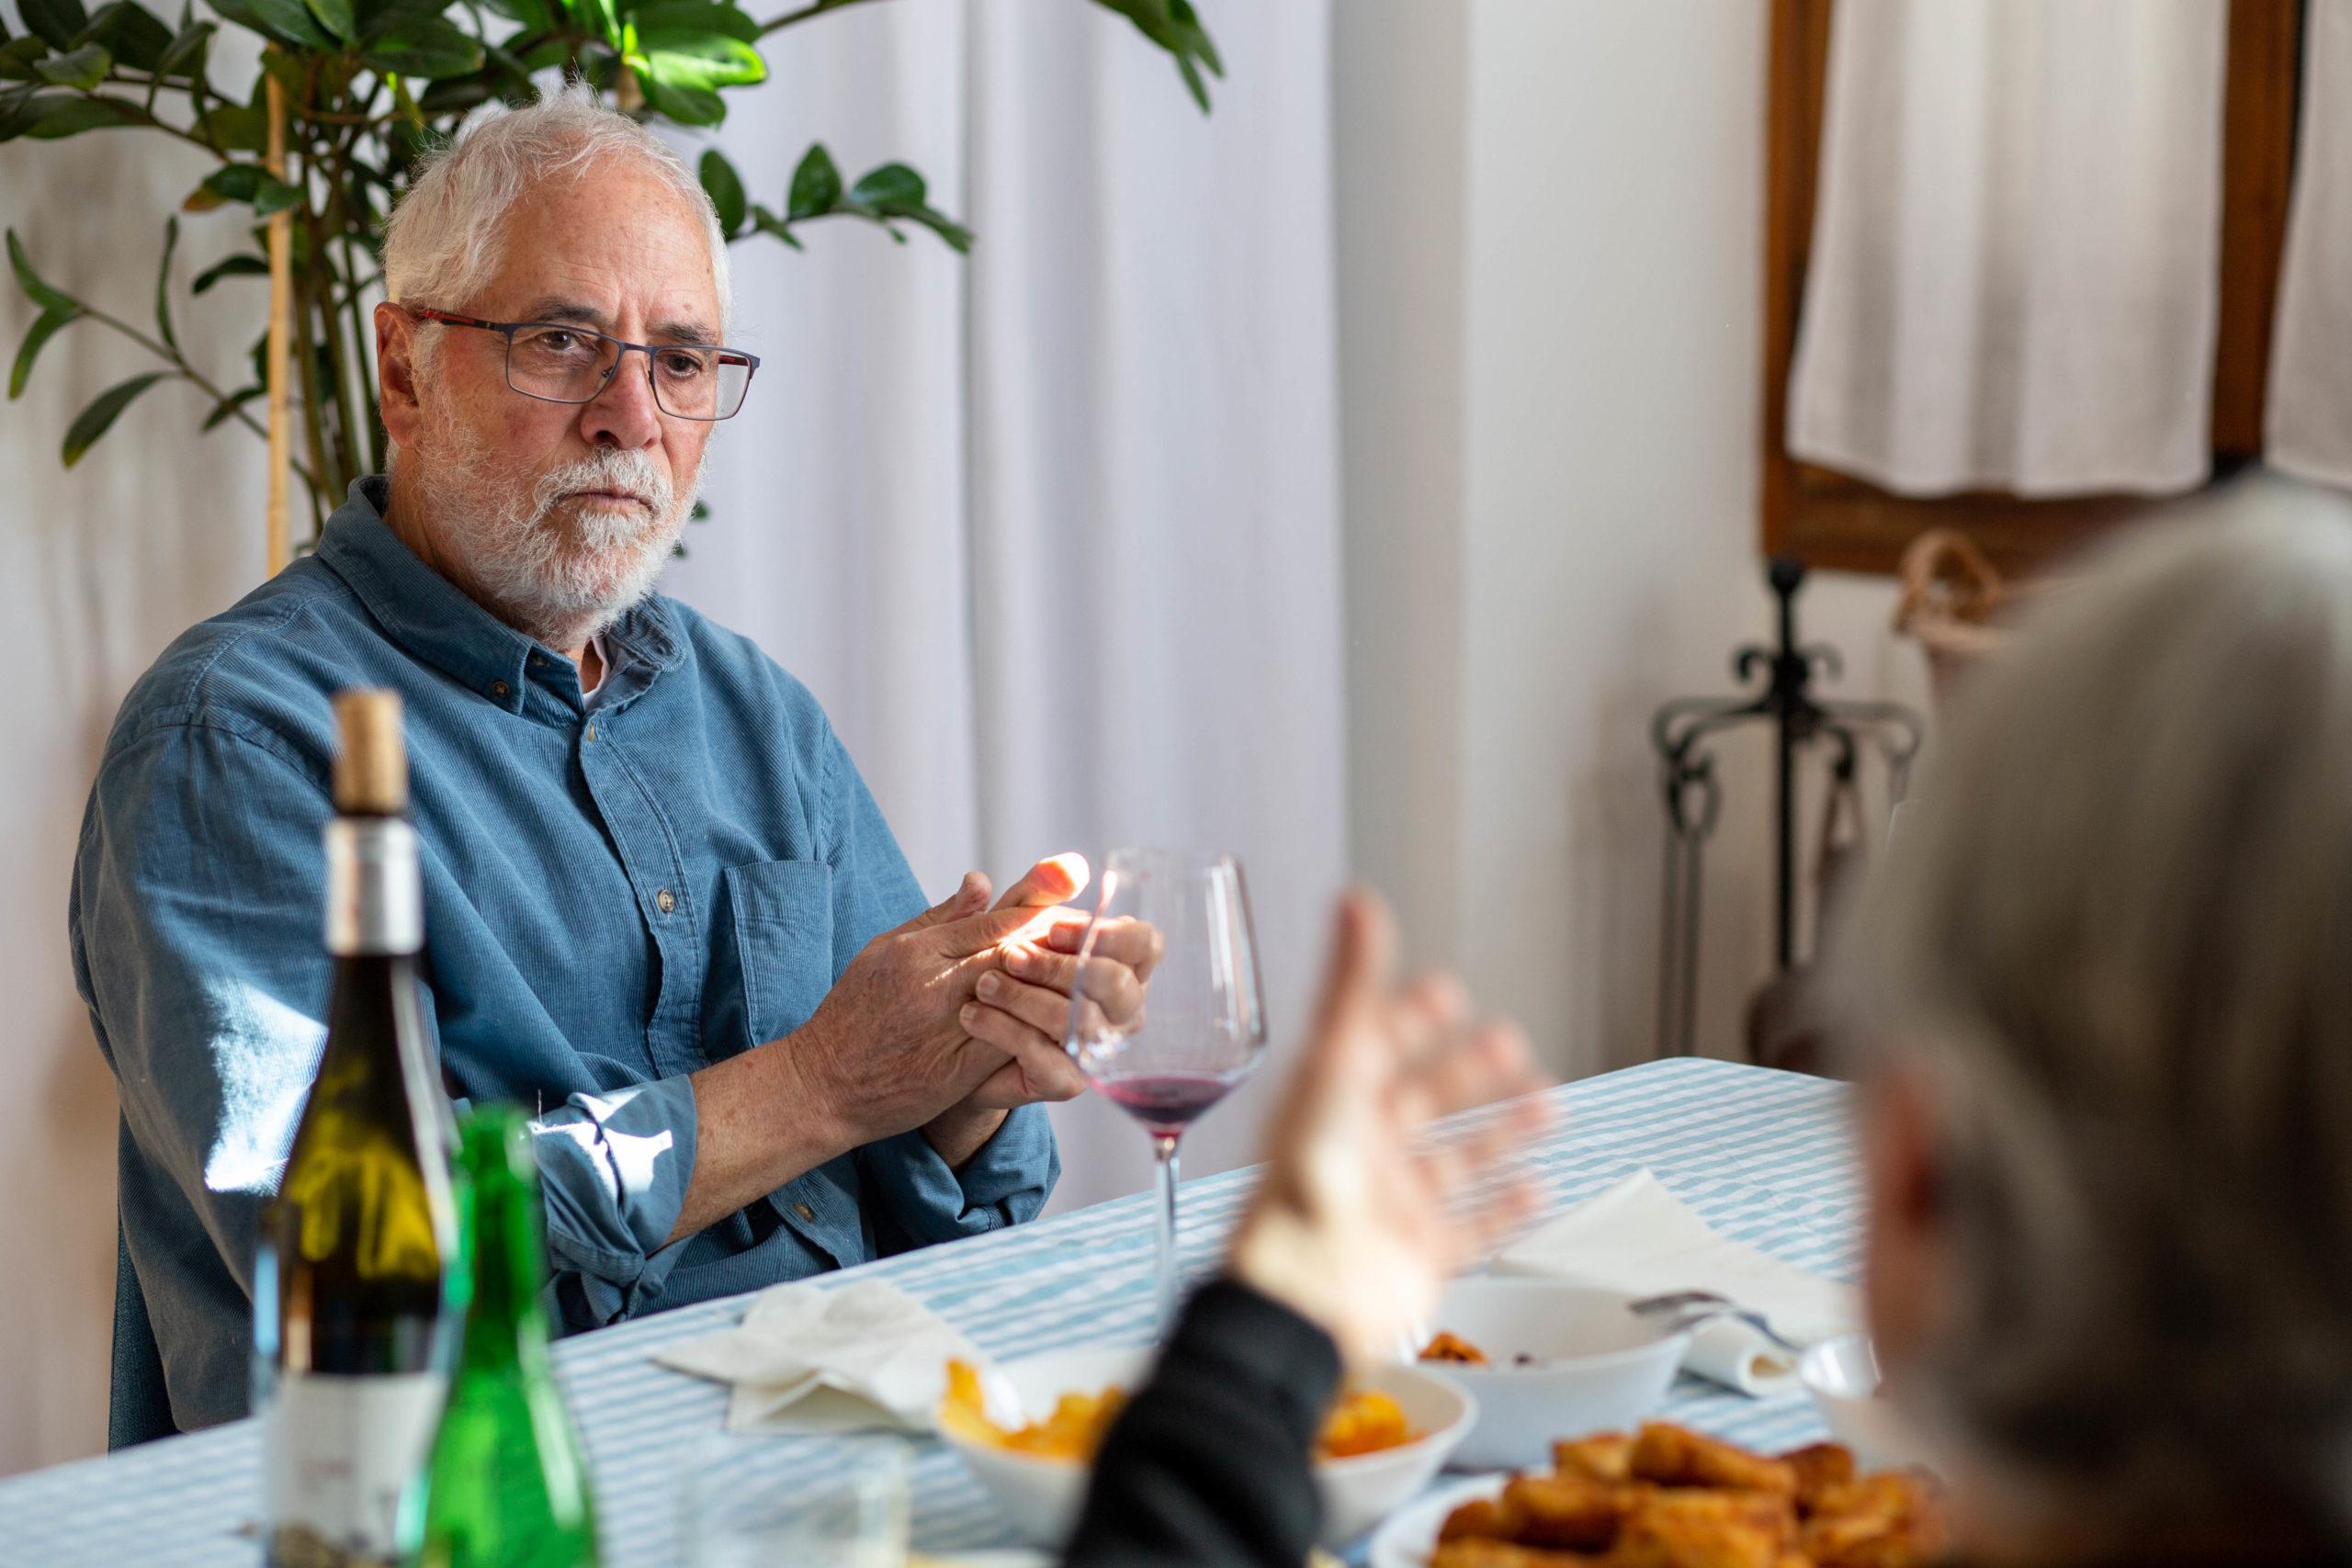 Home assegut en un dinar amb amigues al menjador de casa